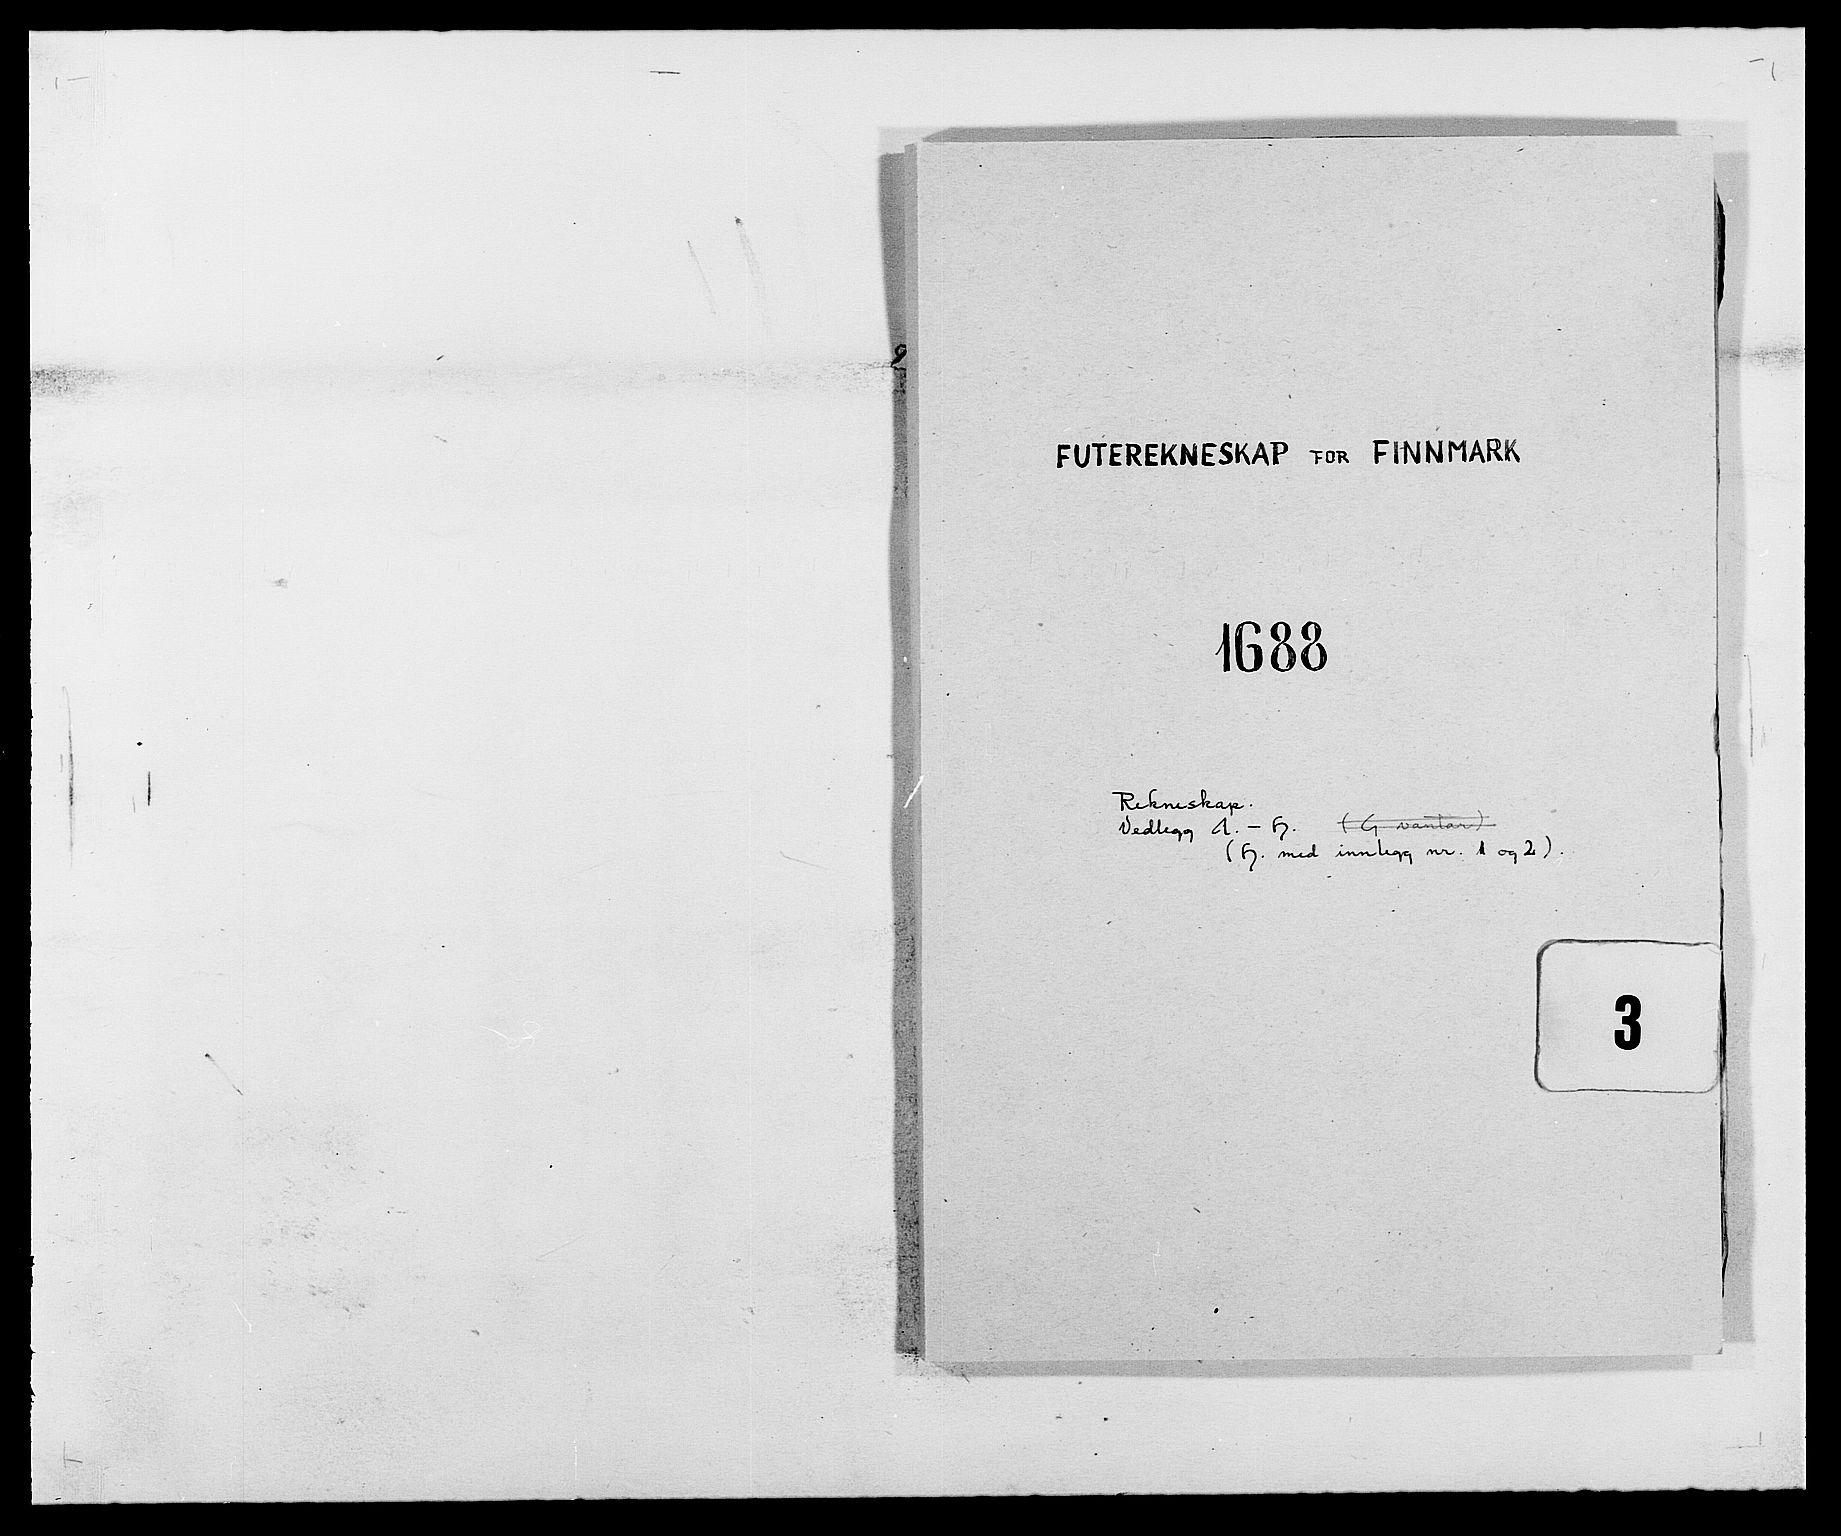 RA, Rentekammeret inntil 1814, Reviderte regnskaper, Fogderegnskap, R69/L4850: Fogderegnskap Finnmark/Vardøhus, 1680-1690, s. 72